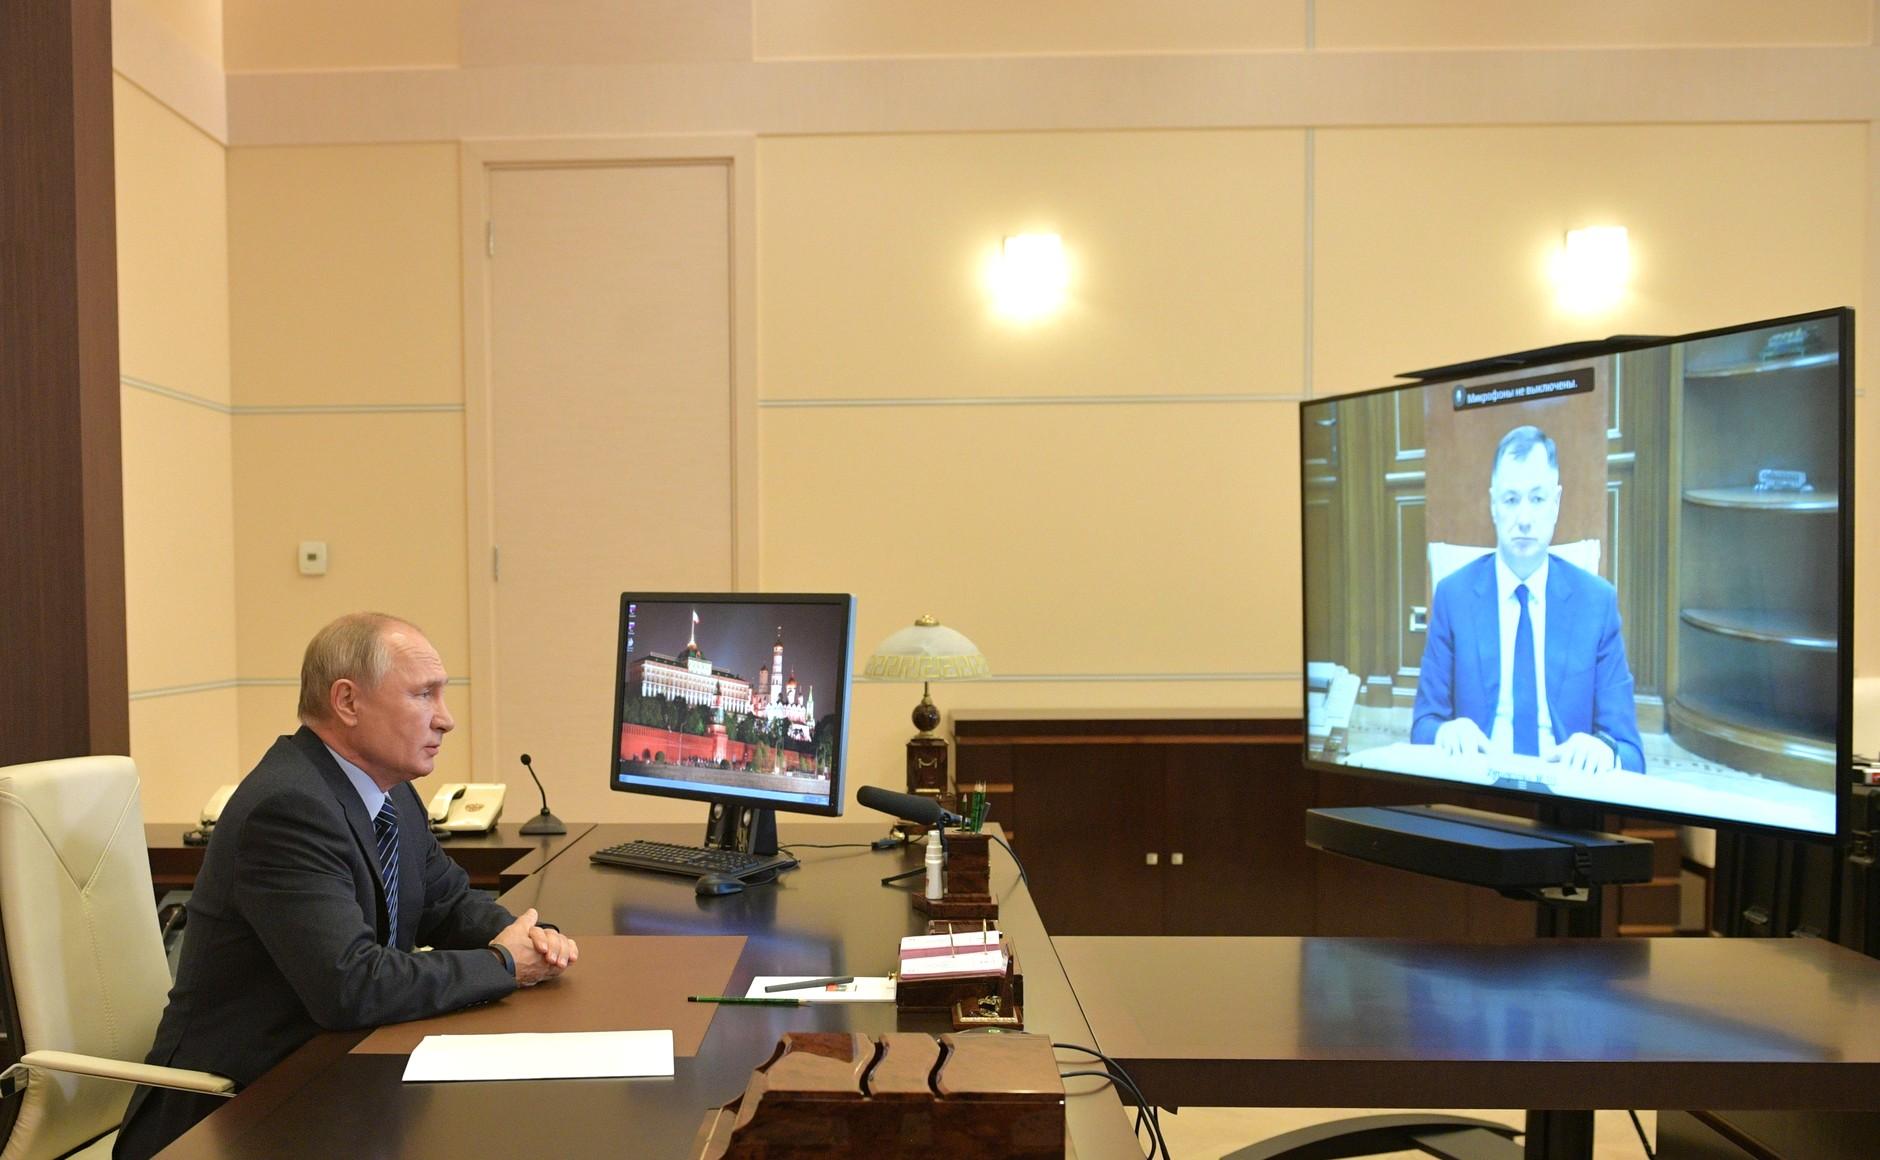 KREMLIN PH 1 X 3 DU 21.10.2020. Réunion de travail avec la vice-première ministre Marat Khusnullin (par vidéoconférence).